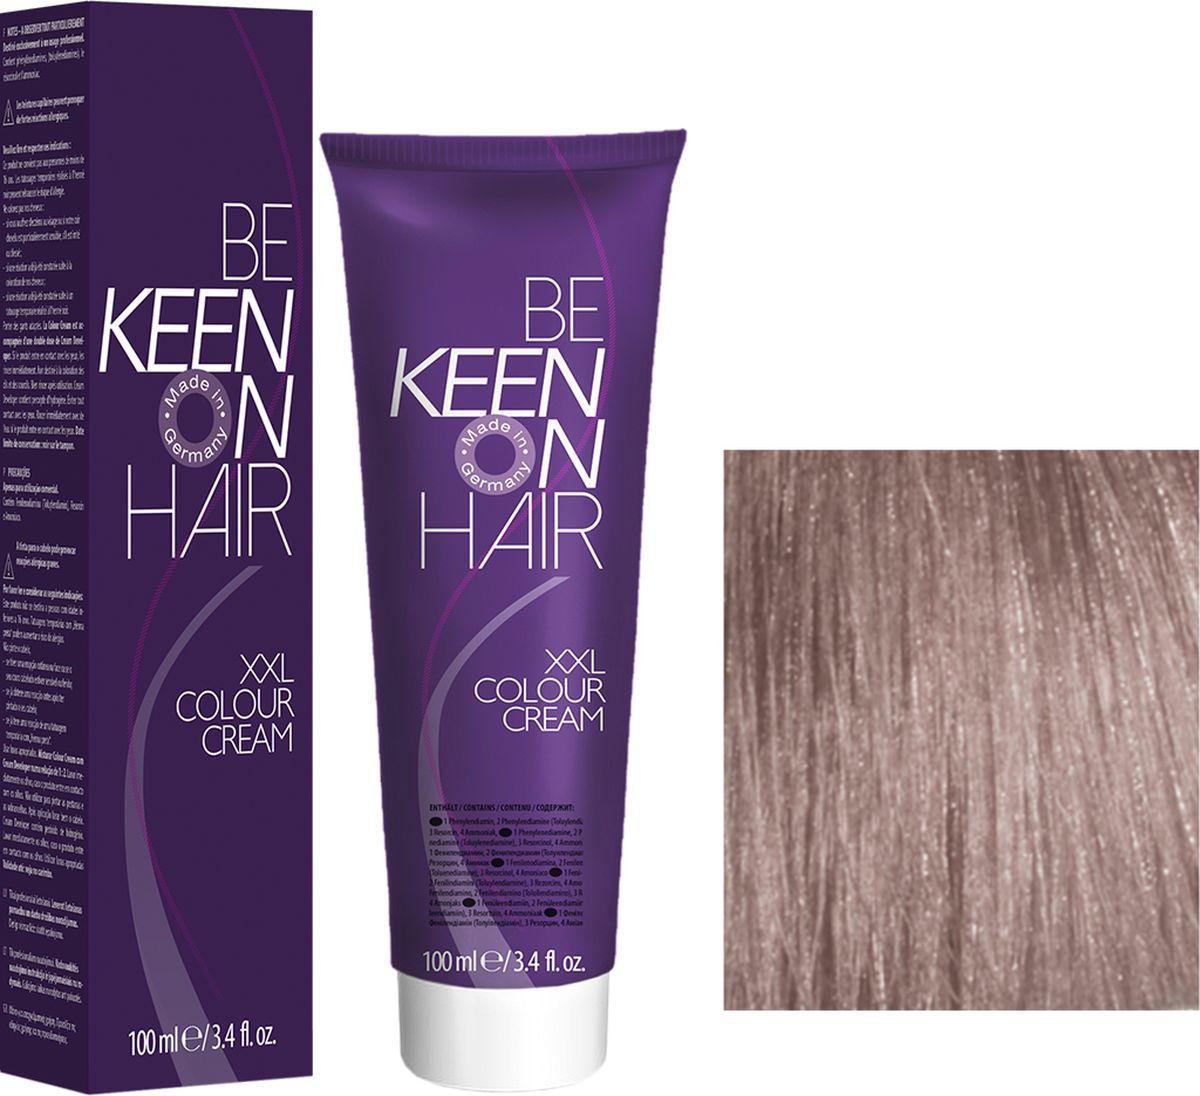 Keen Краска для волос 9.1 Светло-пепельный блондин Hellblond Asch, 100 мл69100087Модные оттенкиБолее 100 оттенков для креативной комбинации цветов.ЭкономичностьПри использовании тюбика 100 мл вы получаете оптимальное соотношение цены и качества!УходМолочный белок поддерживает структуру волоса во время окрашивания и придает волосам блеск и шелковистость. Протеины хорошо встраиваются в волосы и снабжают их влагой.